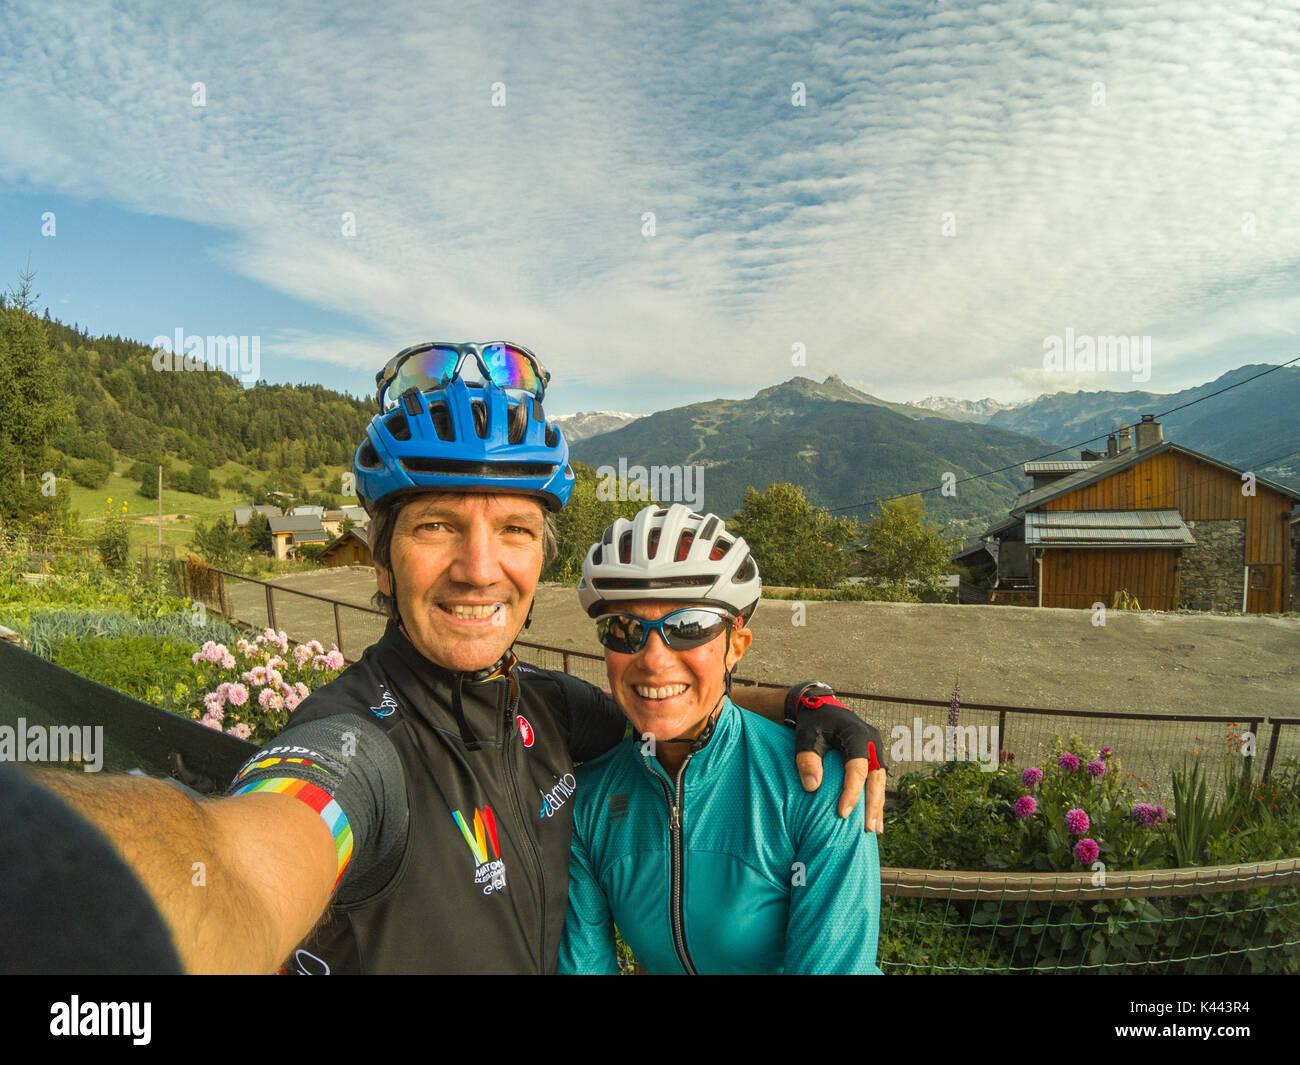 Ciclismo Montaña Alpes par ciclistas Selfie bicicleta ciclo bikewear cascos gafas de vista panorámica sobre el valle nubes patrón Imagen De Stock